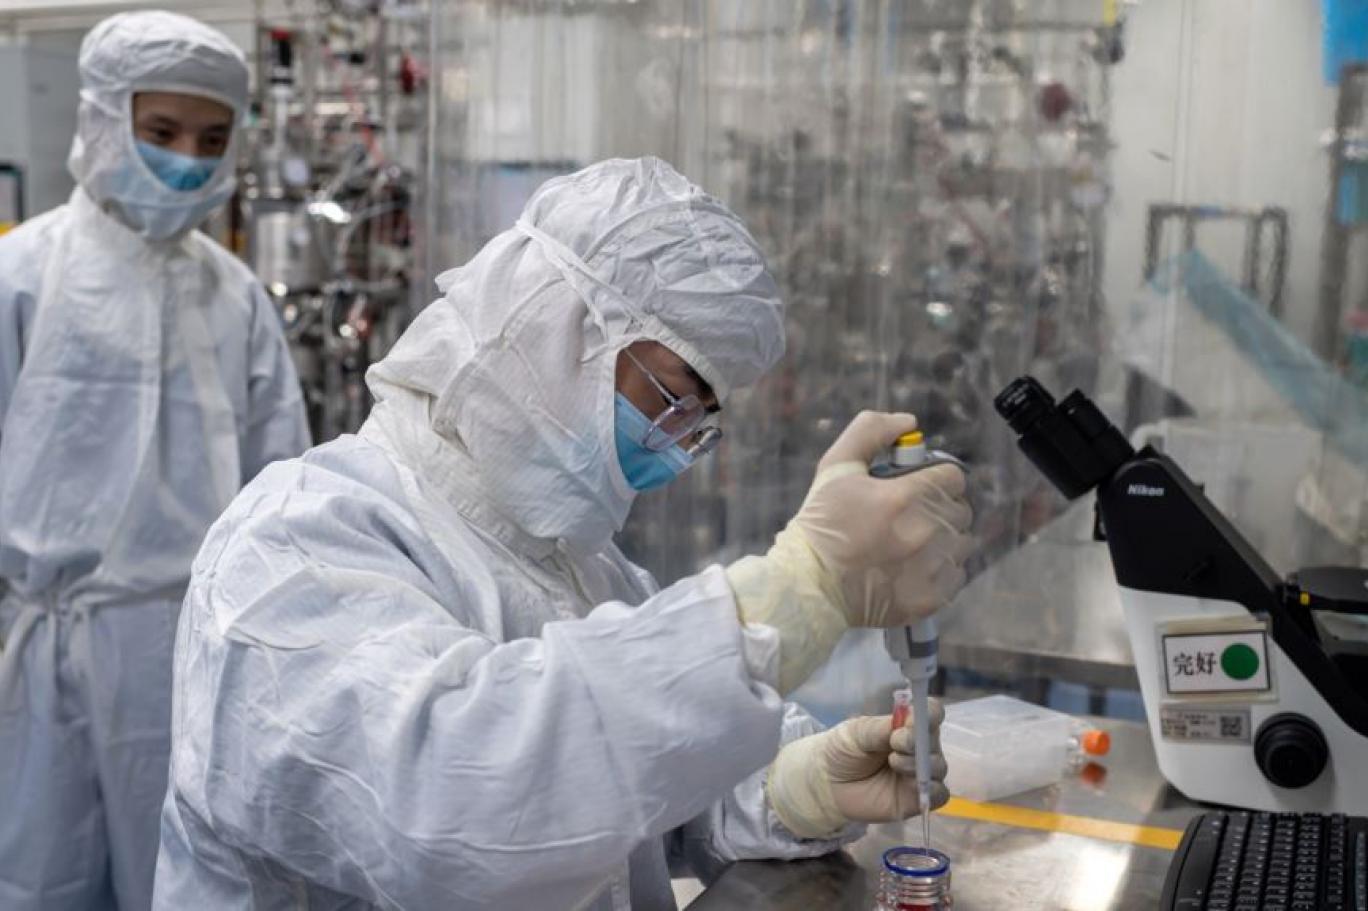 Sinovac'tan korona aşısıyla ilgili açıklama: Bizim için yeterli